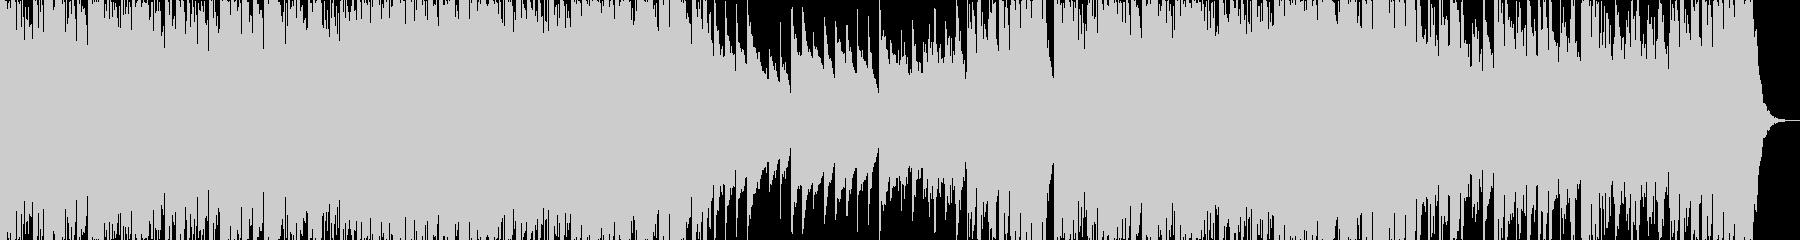 パワフルなピアノとビートのサウンドの未再生の波形